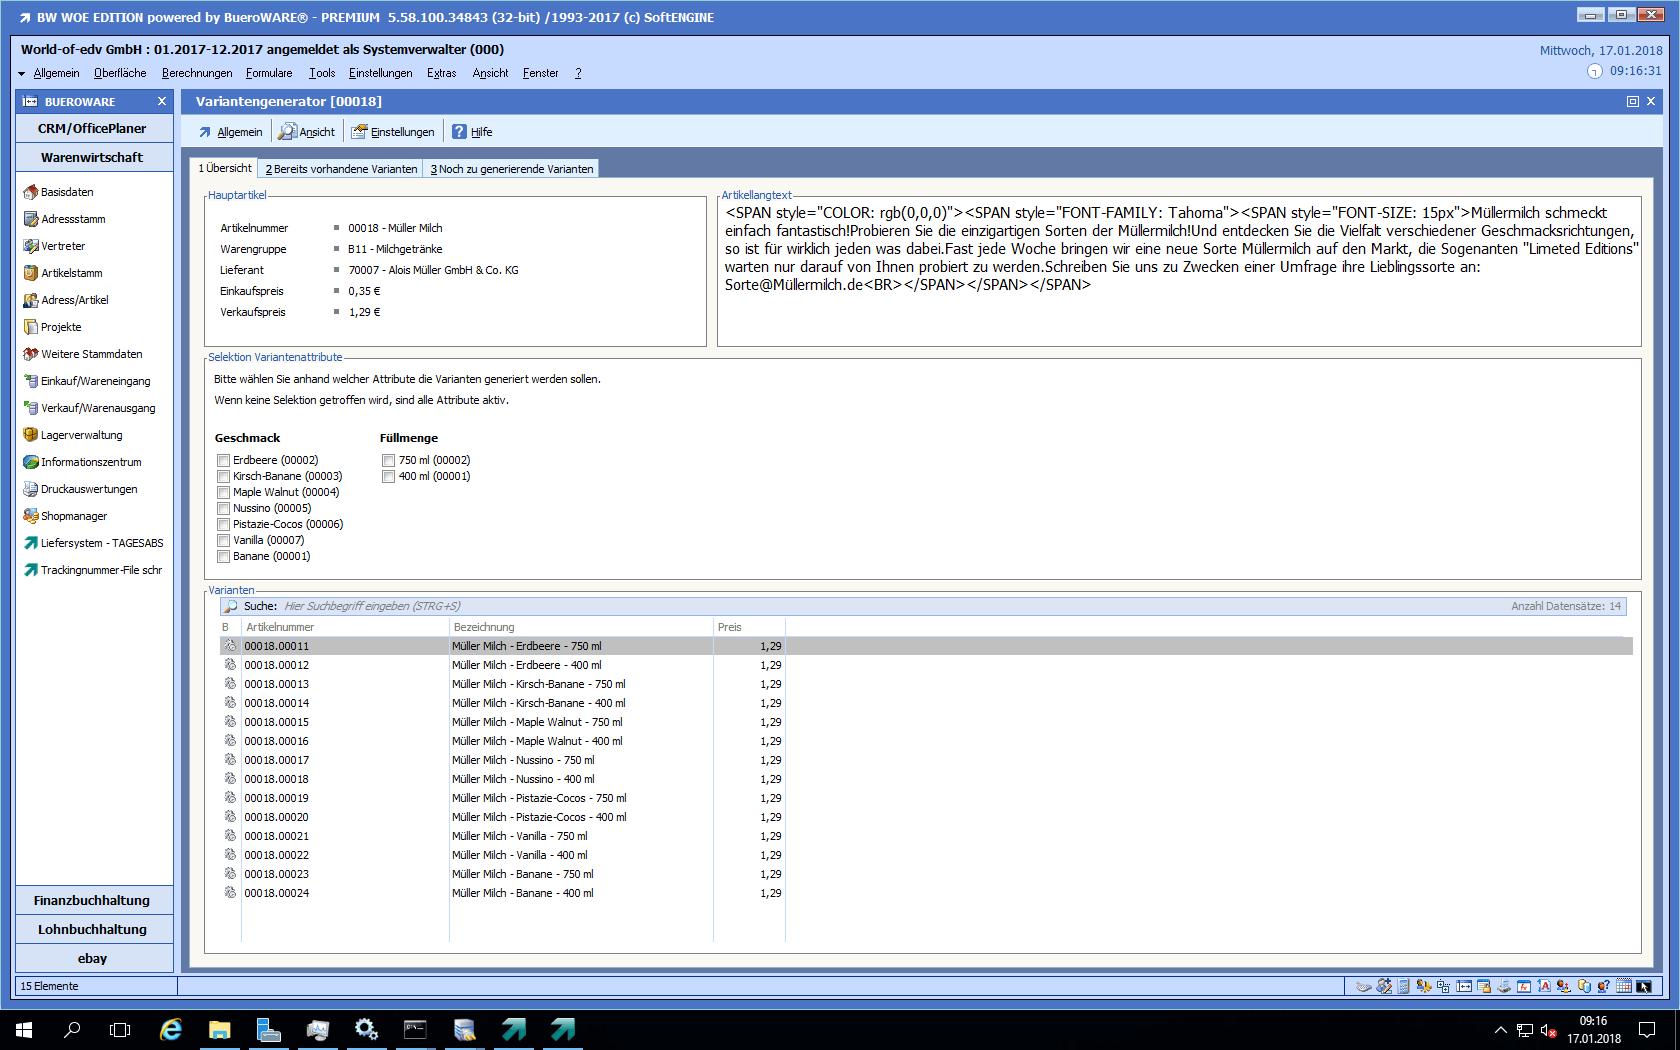 Screenshot von den Varianten - Möglichkeiten für Artikel im ERP System BüroWARE